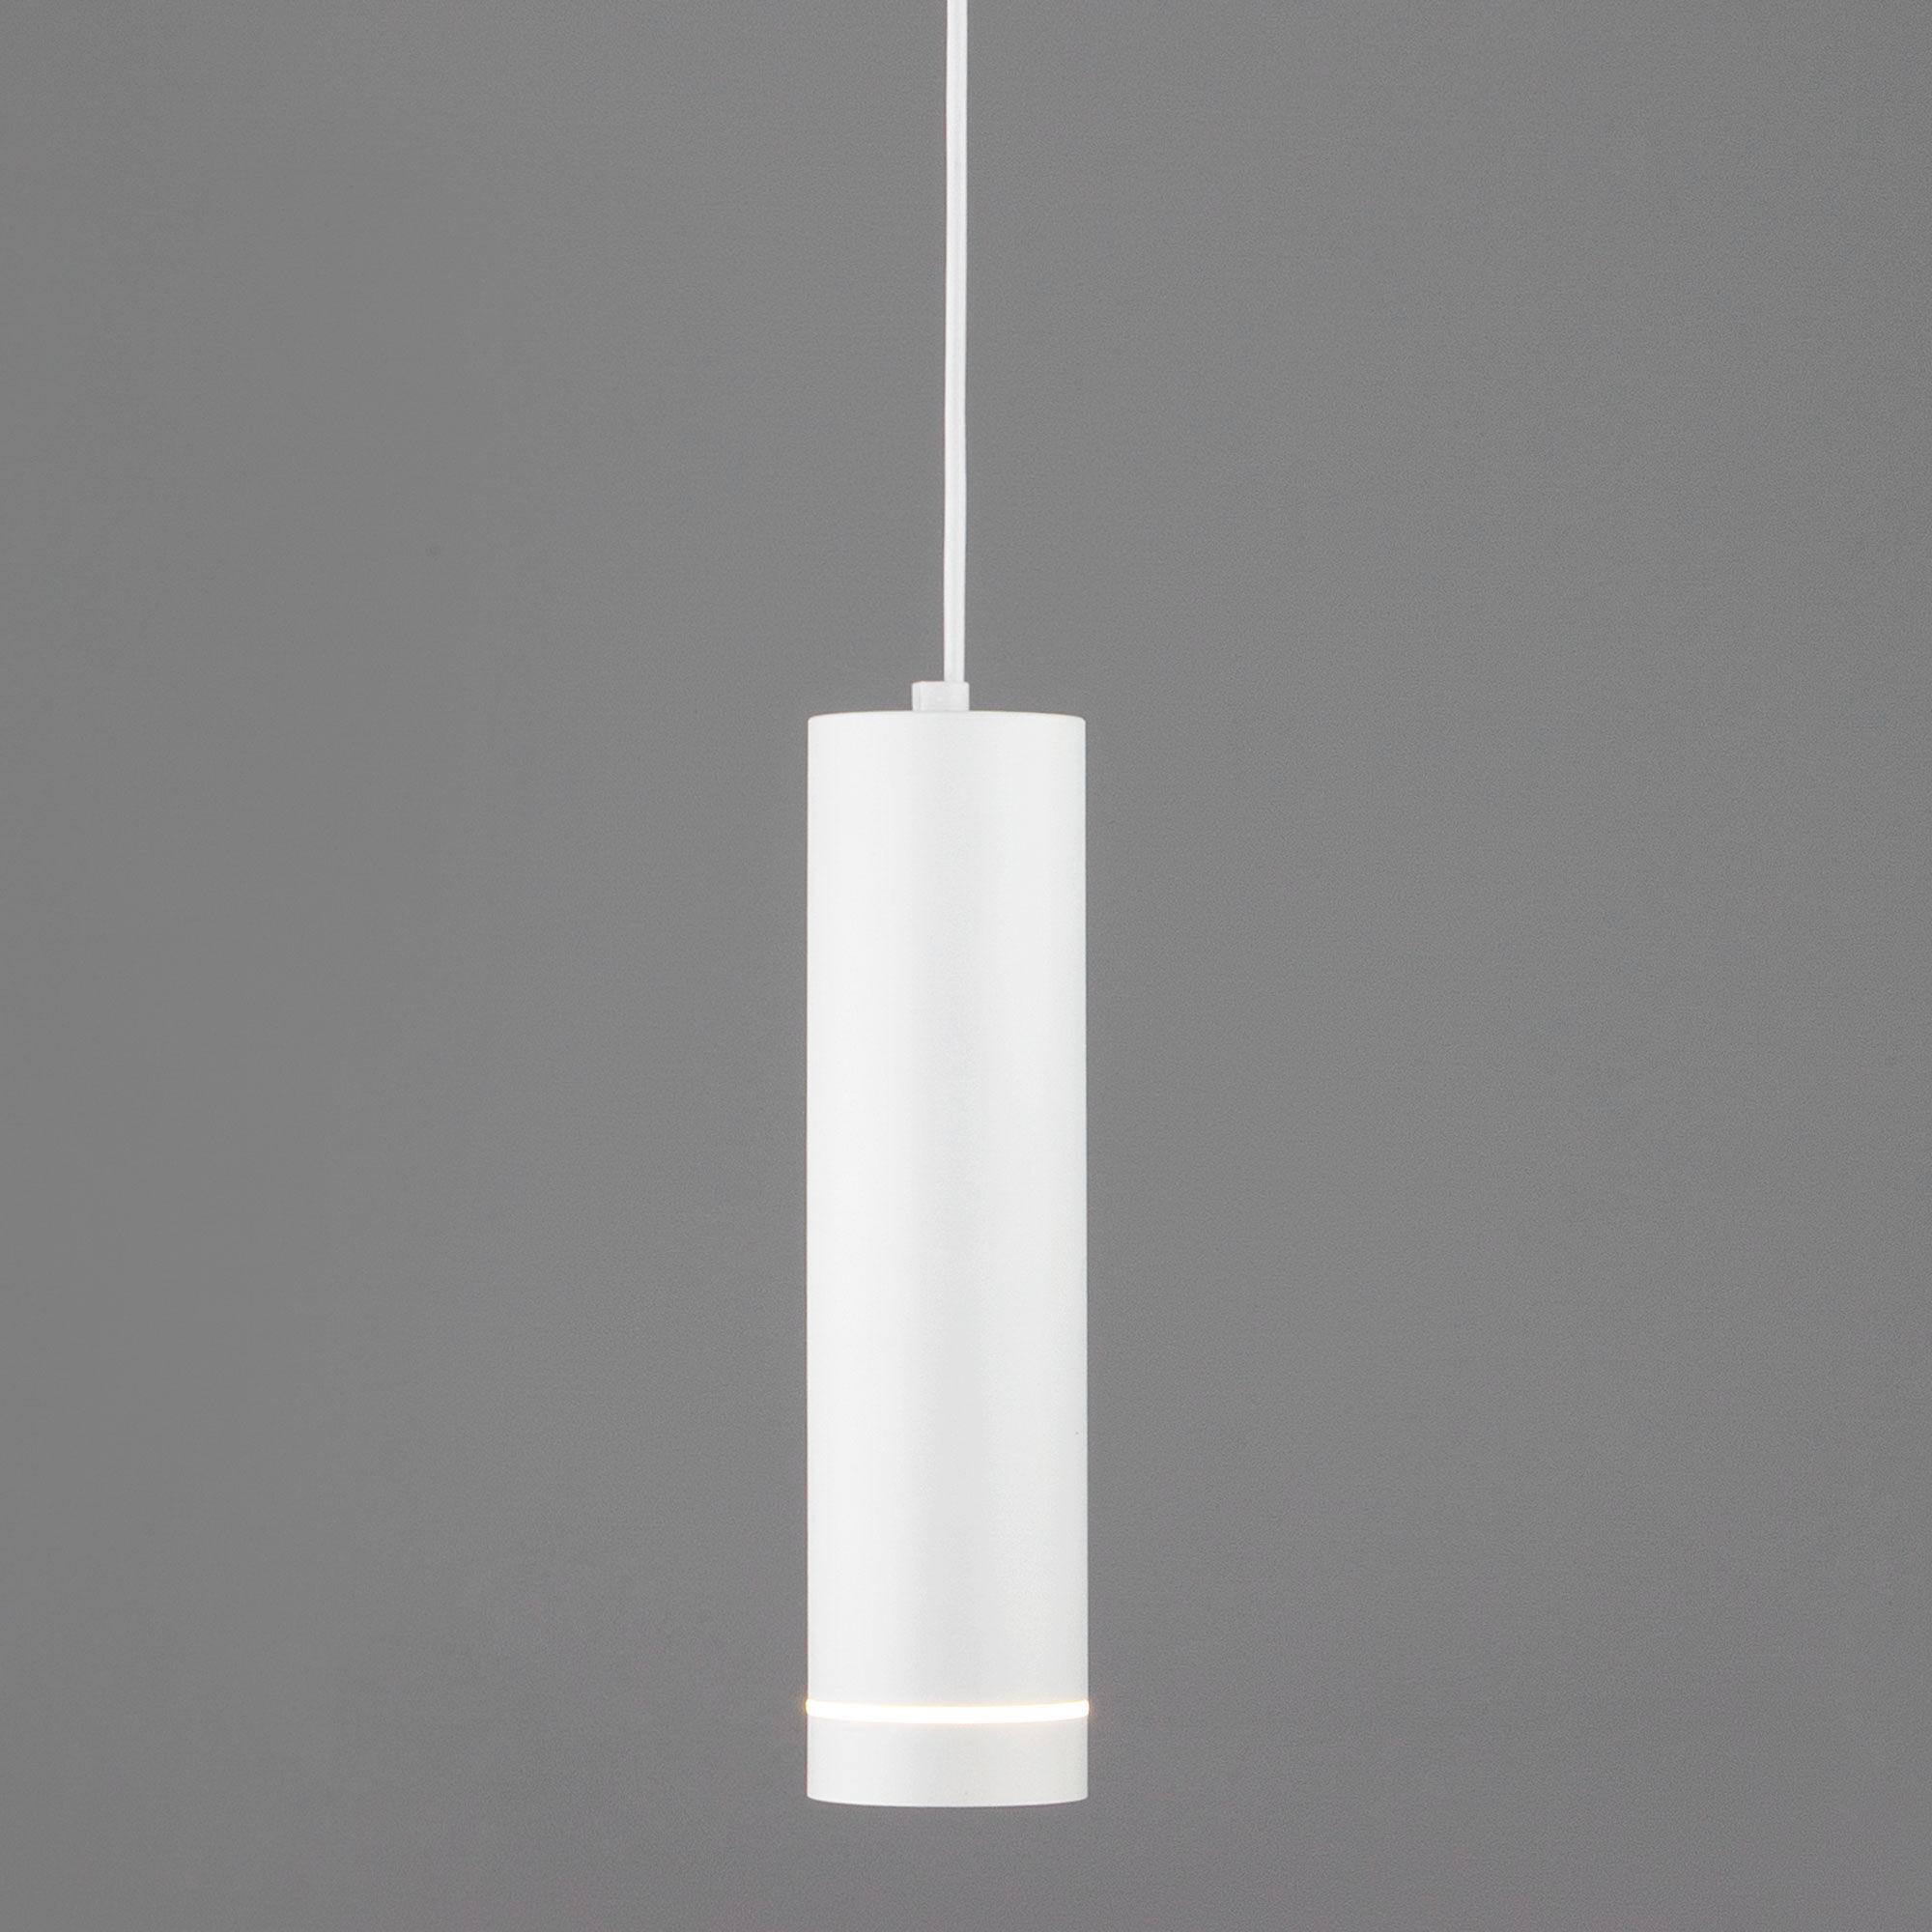 Подвесной светодиодный светильник DLR023 12W 4200K белый матовый